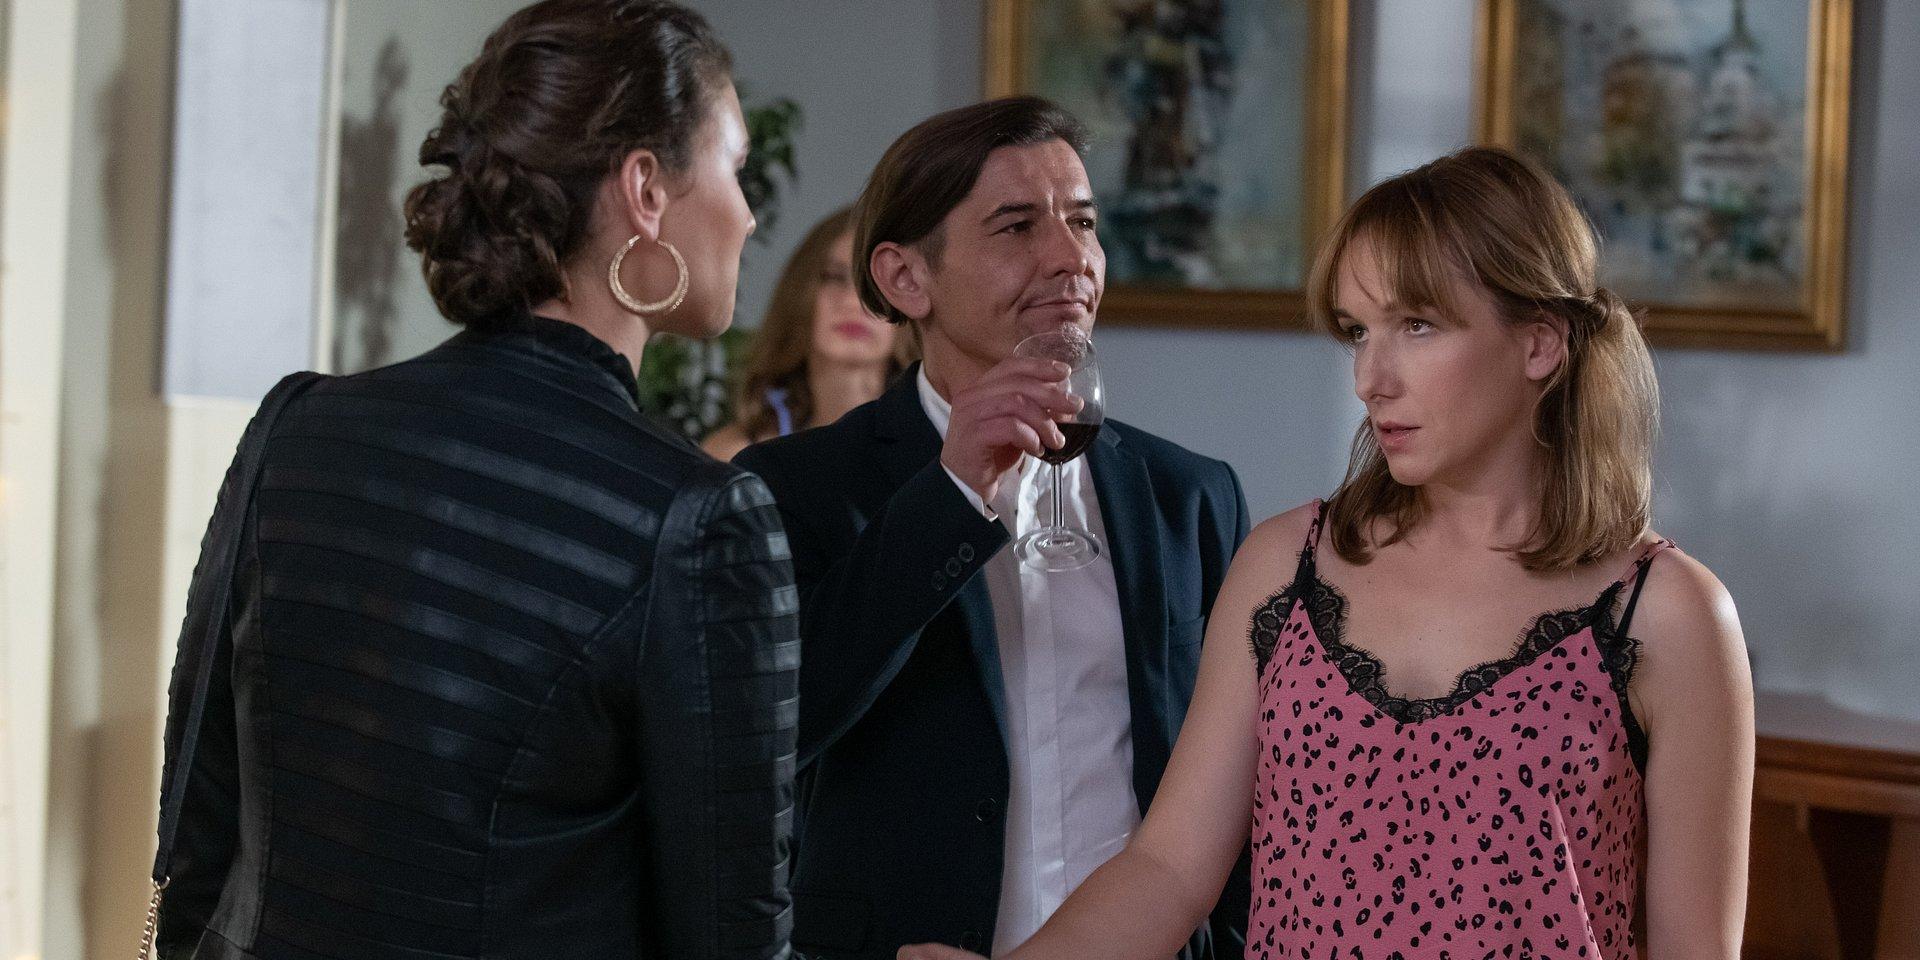 Na Wspólnej: Iga odnajduje siostrę – Agata jest… szychą w mafii!